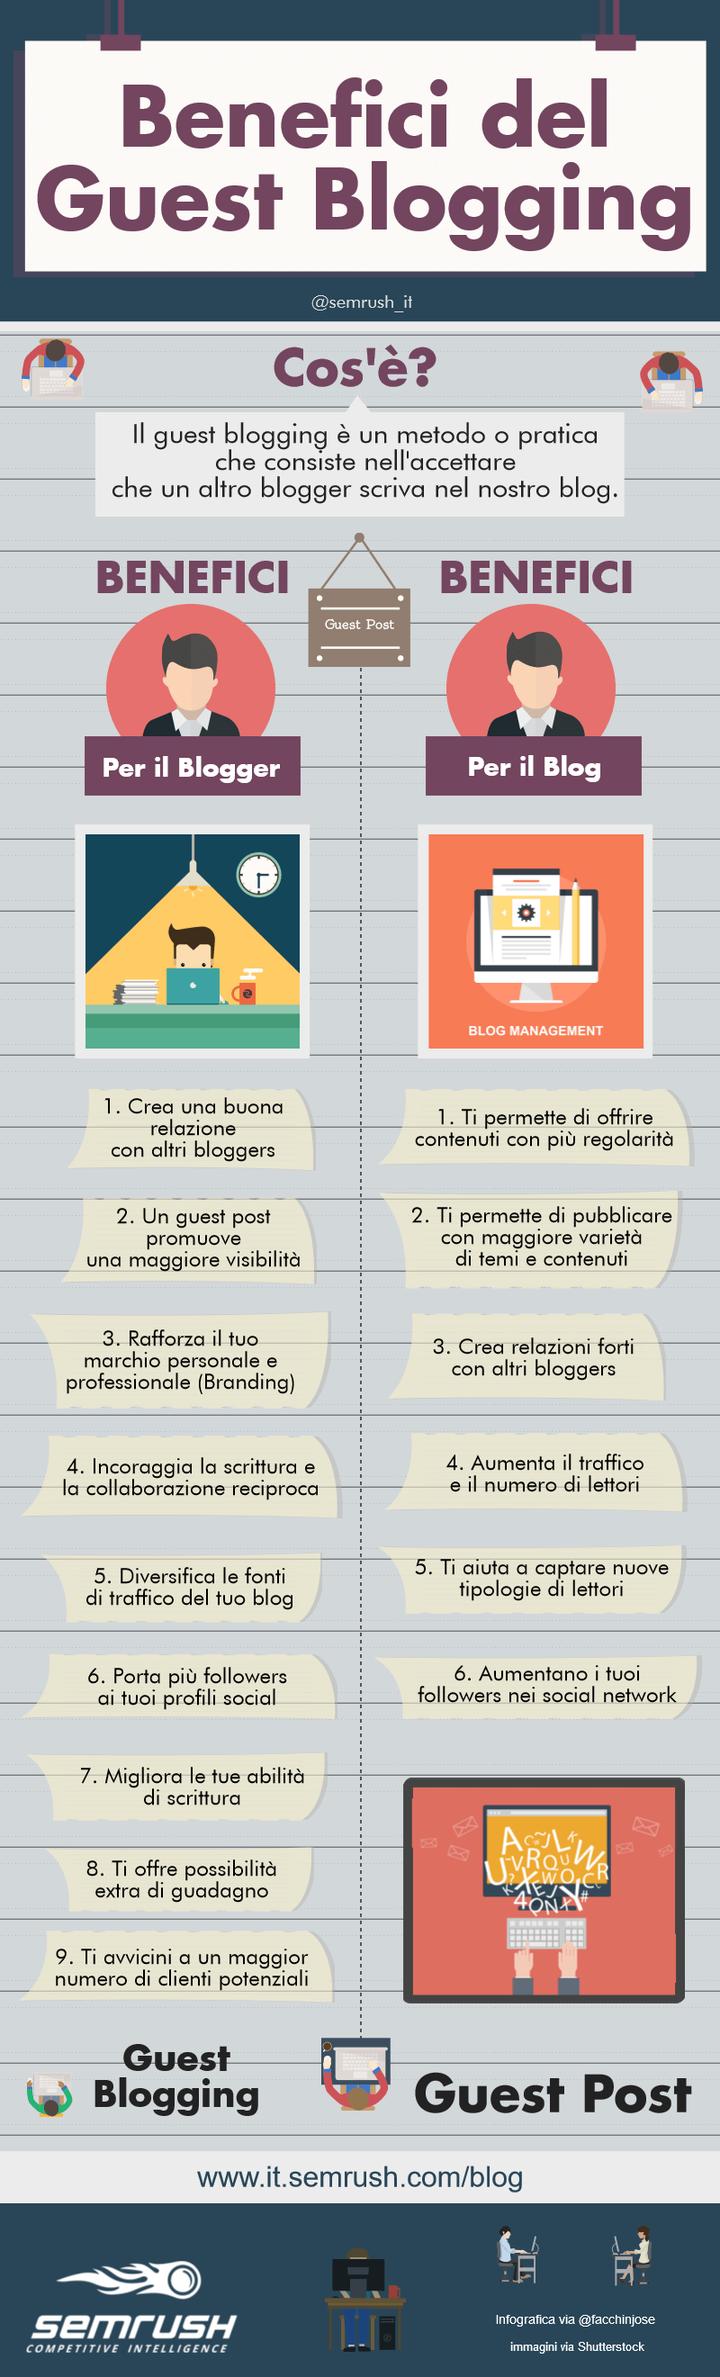 Quali sono i benefici del guest blogging?